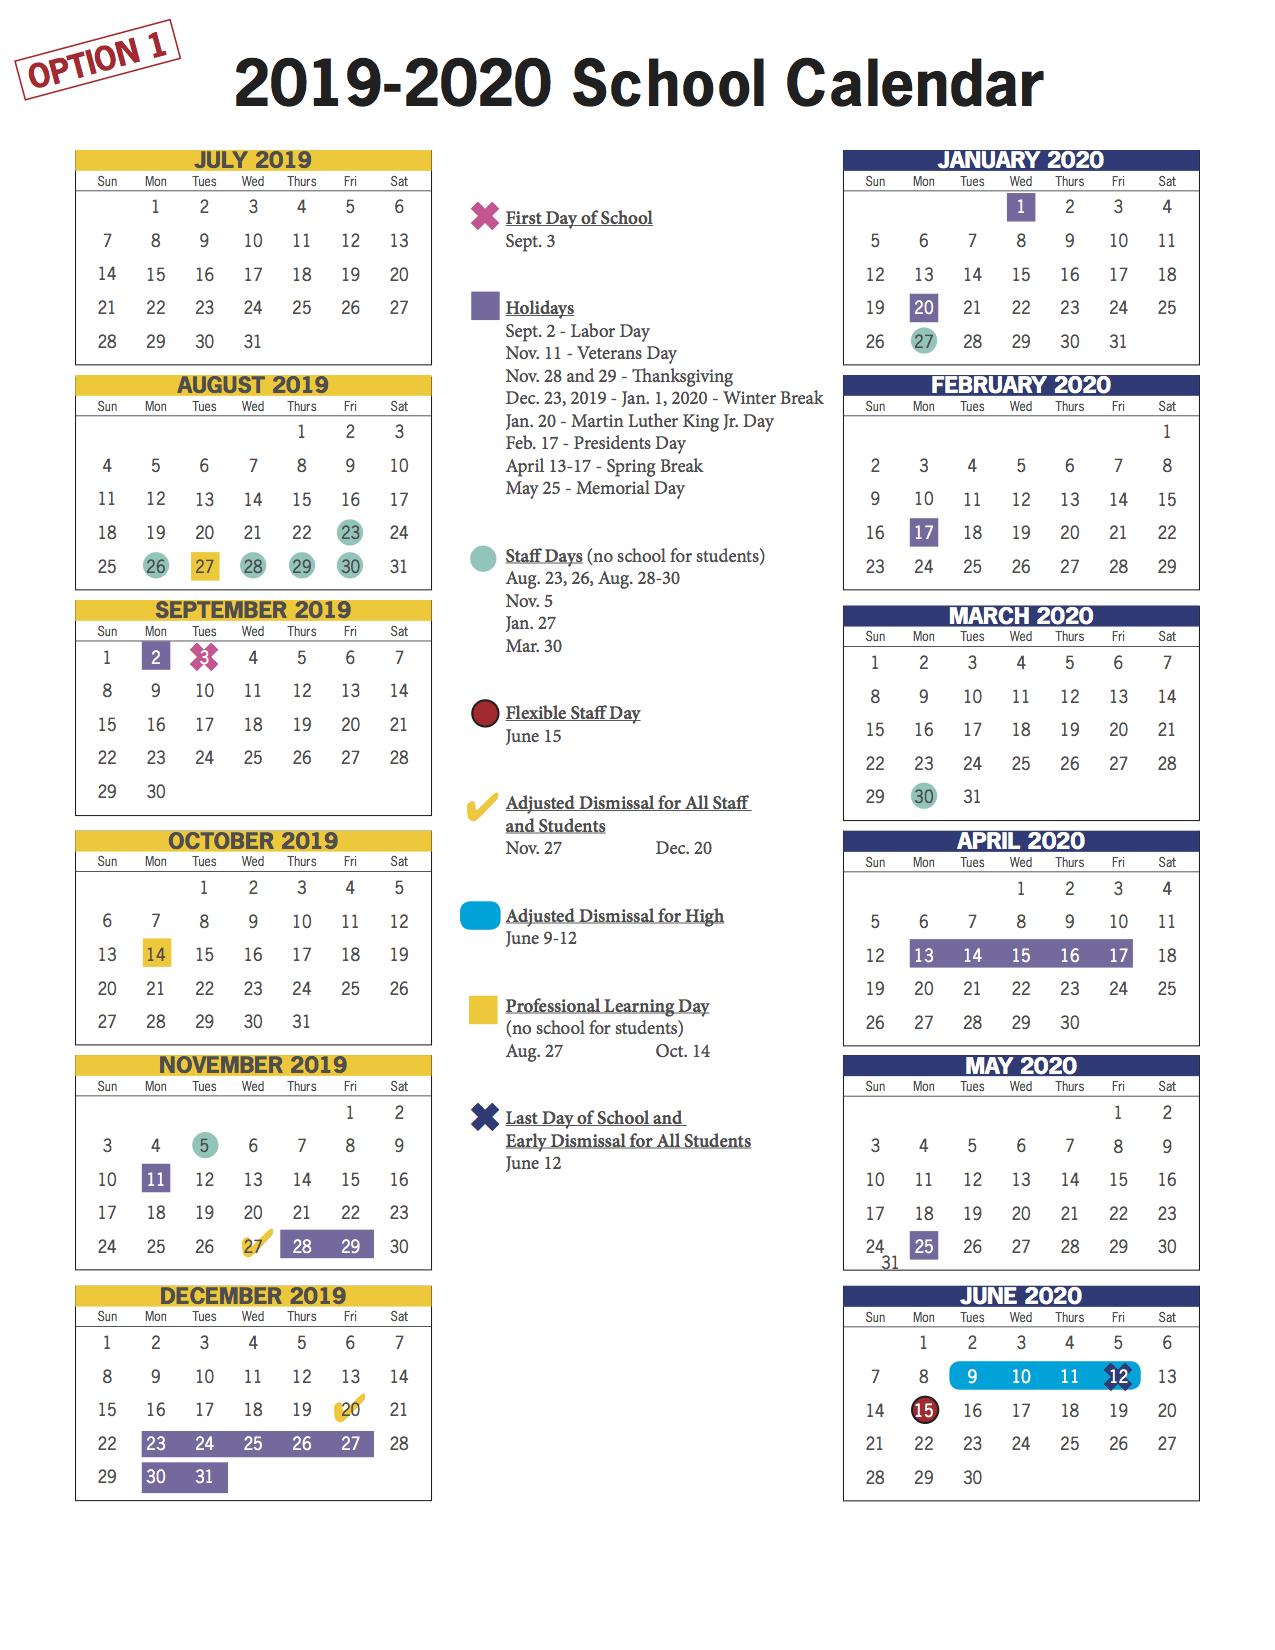 Vbcps E Town Hall - 2018 2019 And 2019 2020 School Calendar With Regard To Virginia Beach City Public.schools Calendar